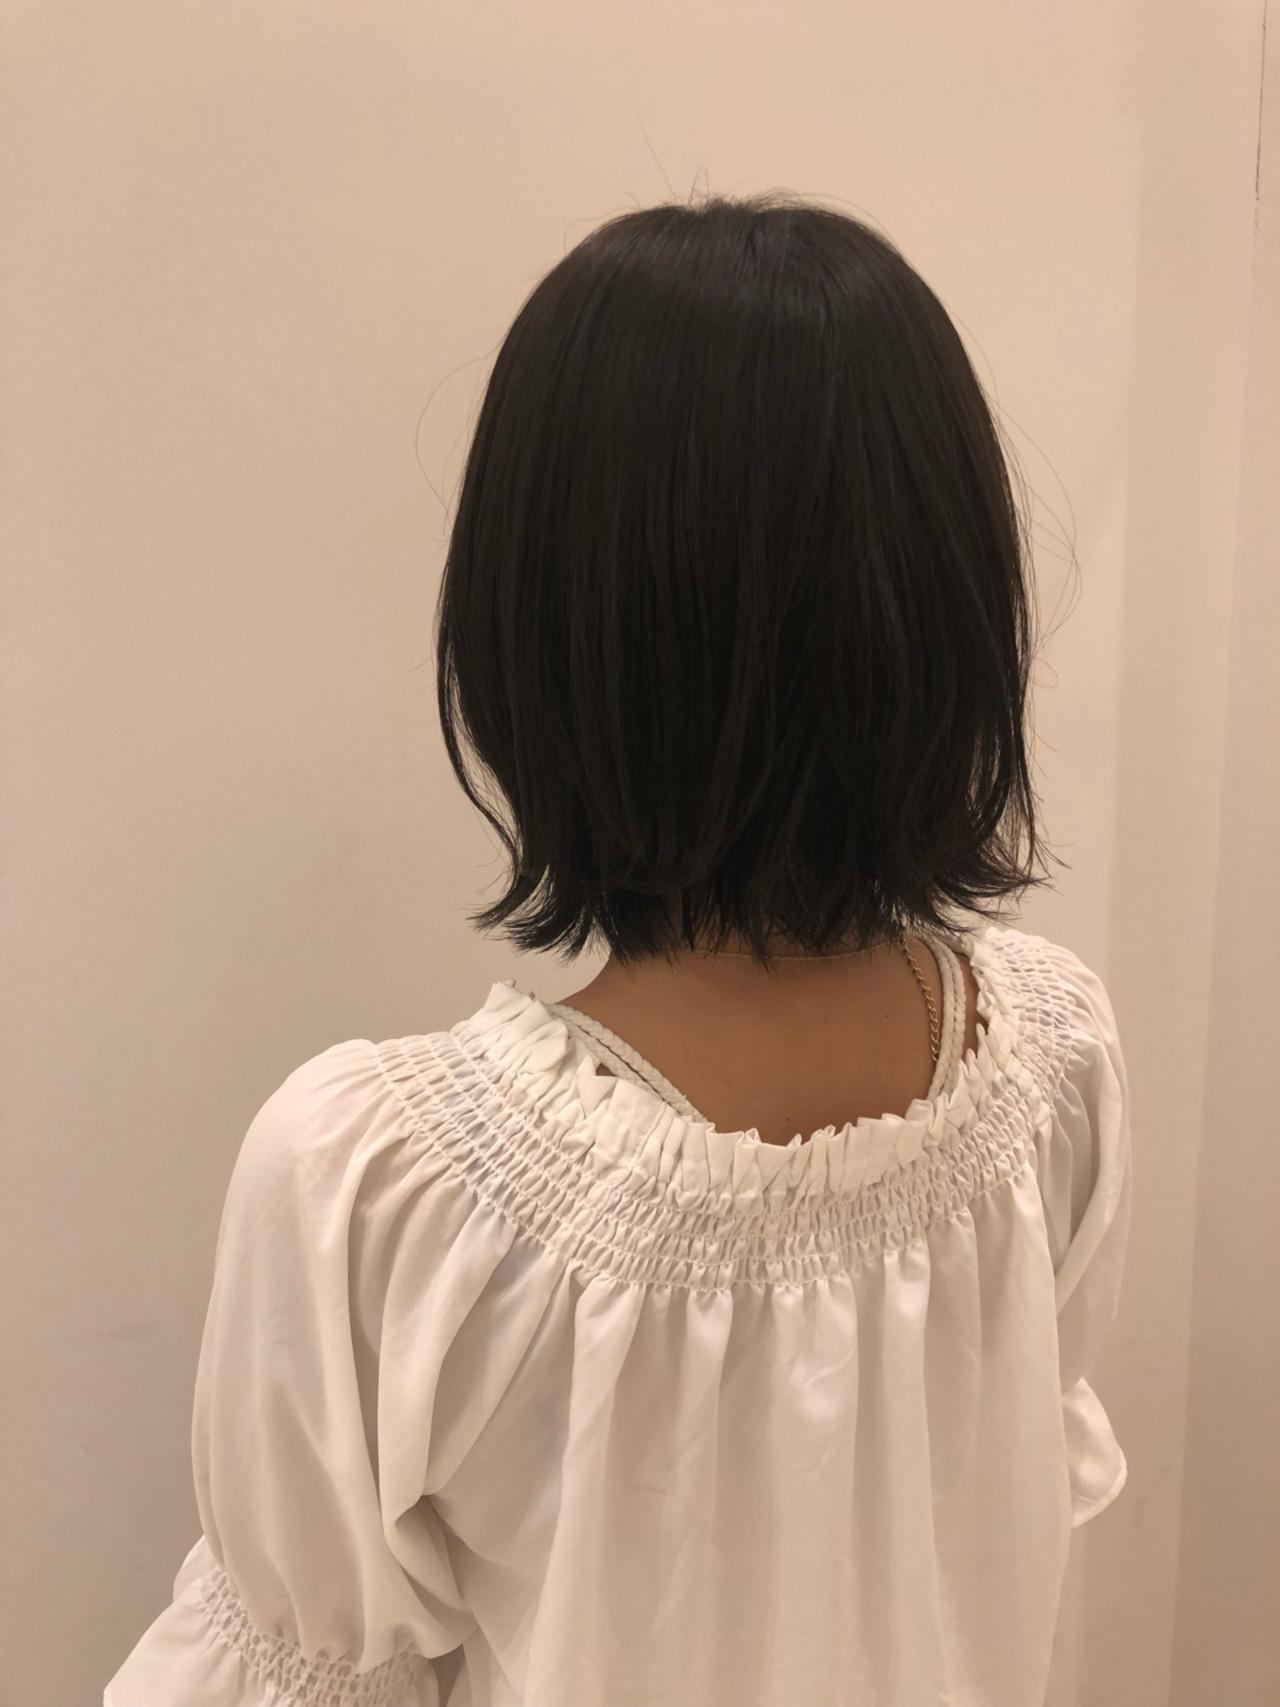 ボブ 外ハネ ゆるふわ パーマ ヘアスタイルや髪型の写真・画像 | 坂本一馬 / JUHL ユール